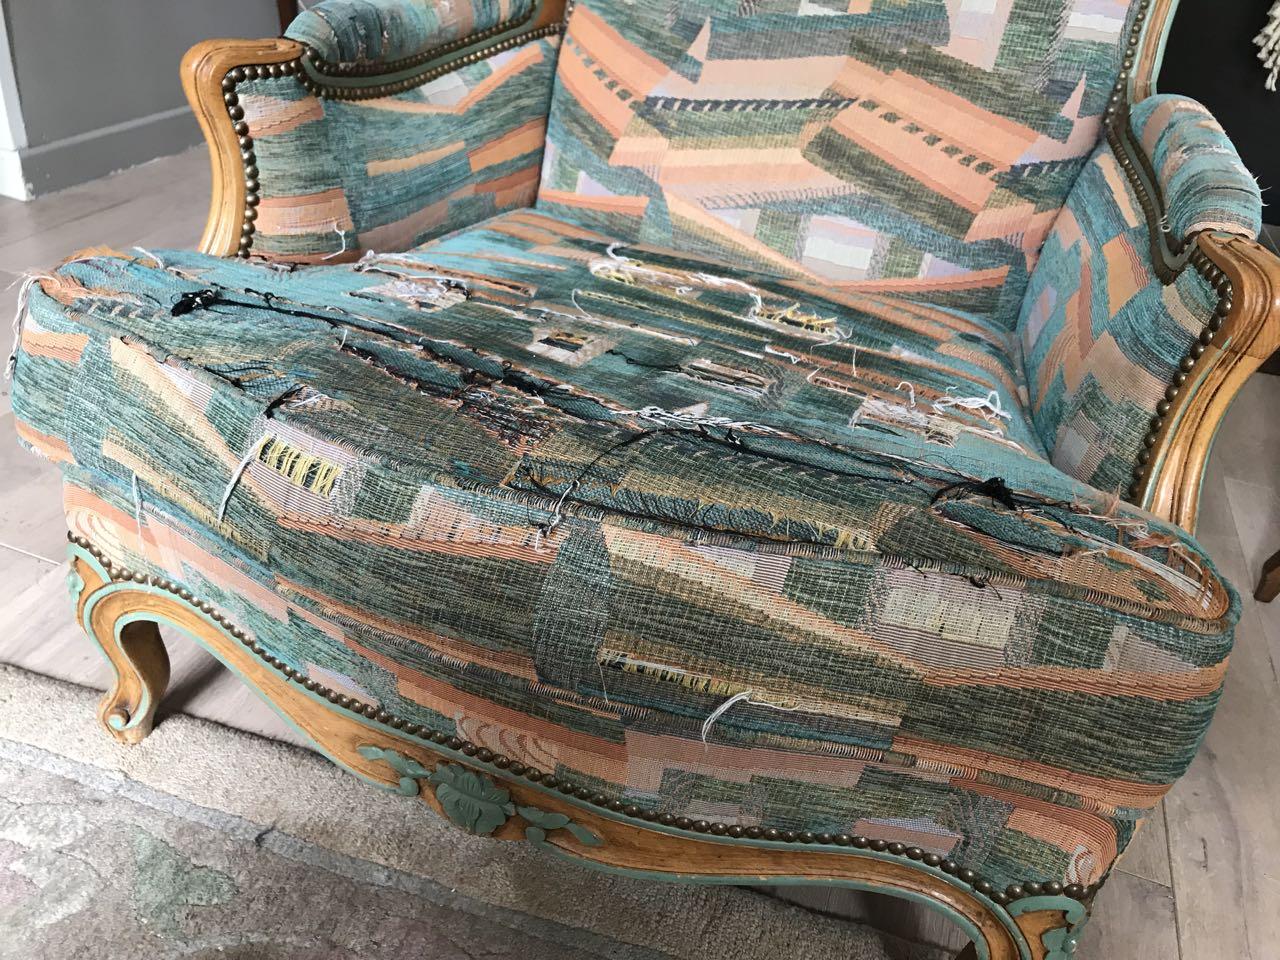 Paire de bergères de style Louis XV en hêtre dite confortable avec coussin 9Atelier Patrice Bricout EPV Marcq en Baroeul | Atelier Patrice Bricout